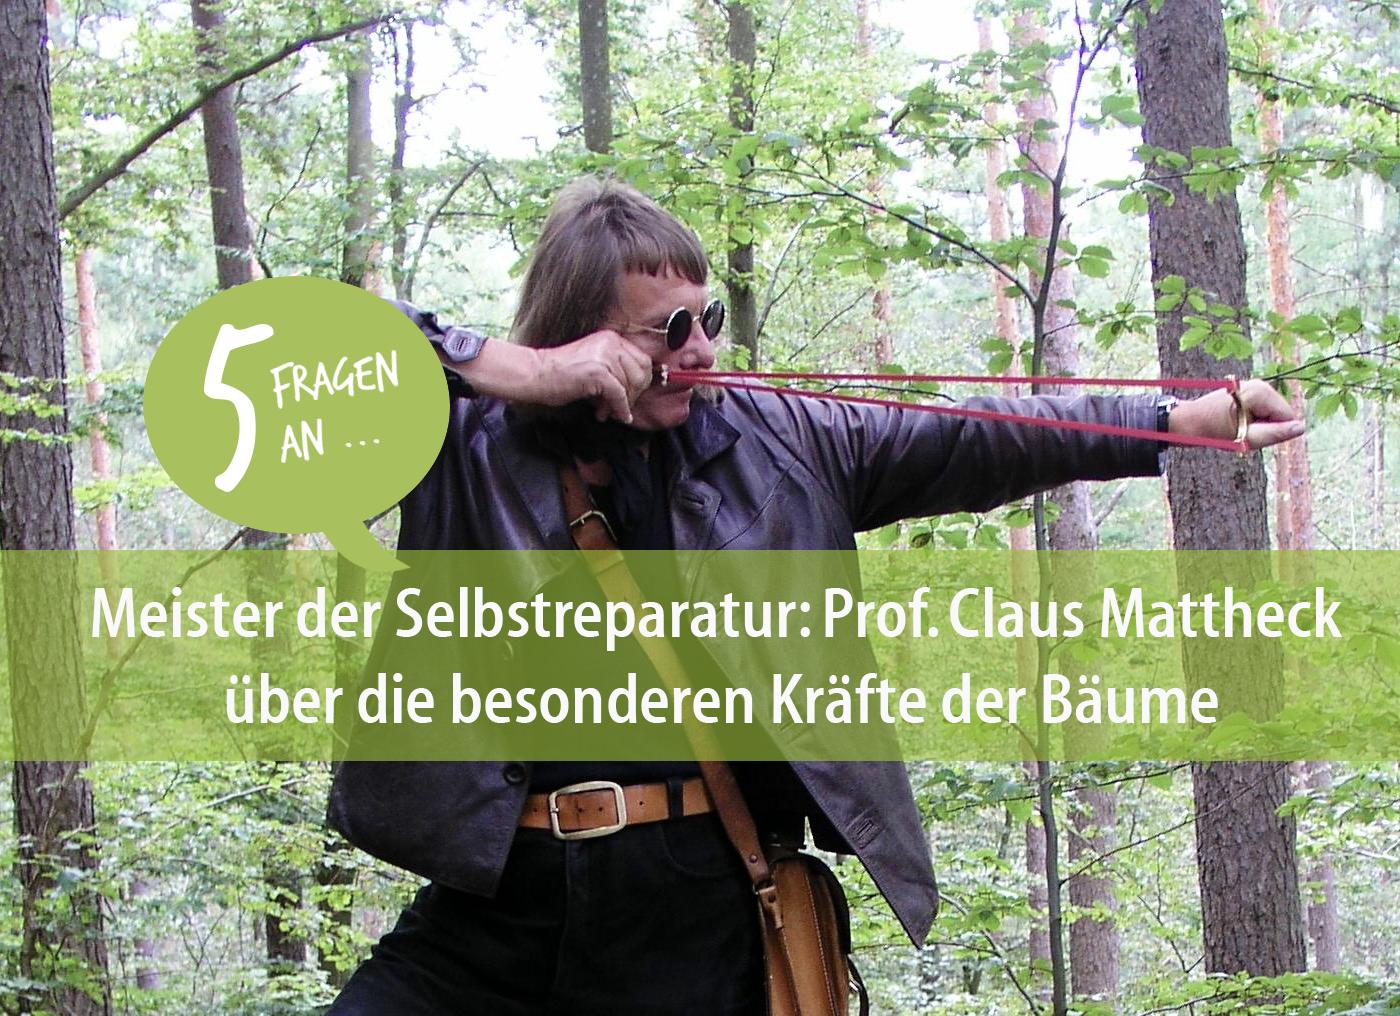 Prof. Claus Mattheck hat einen scharfen Blick, wenn es um die Standfestigkeit von Bäumen geht. Foto: privat